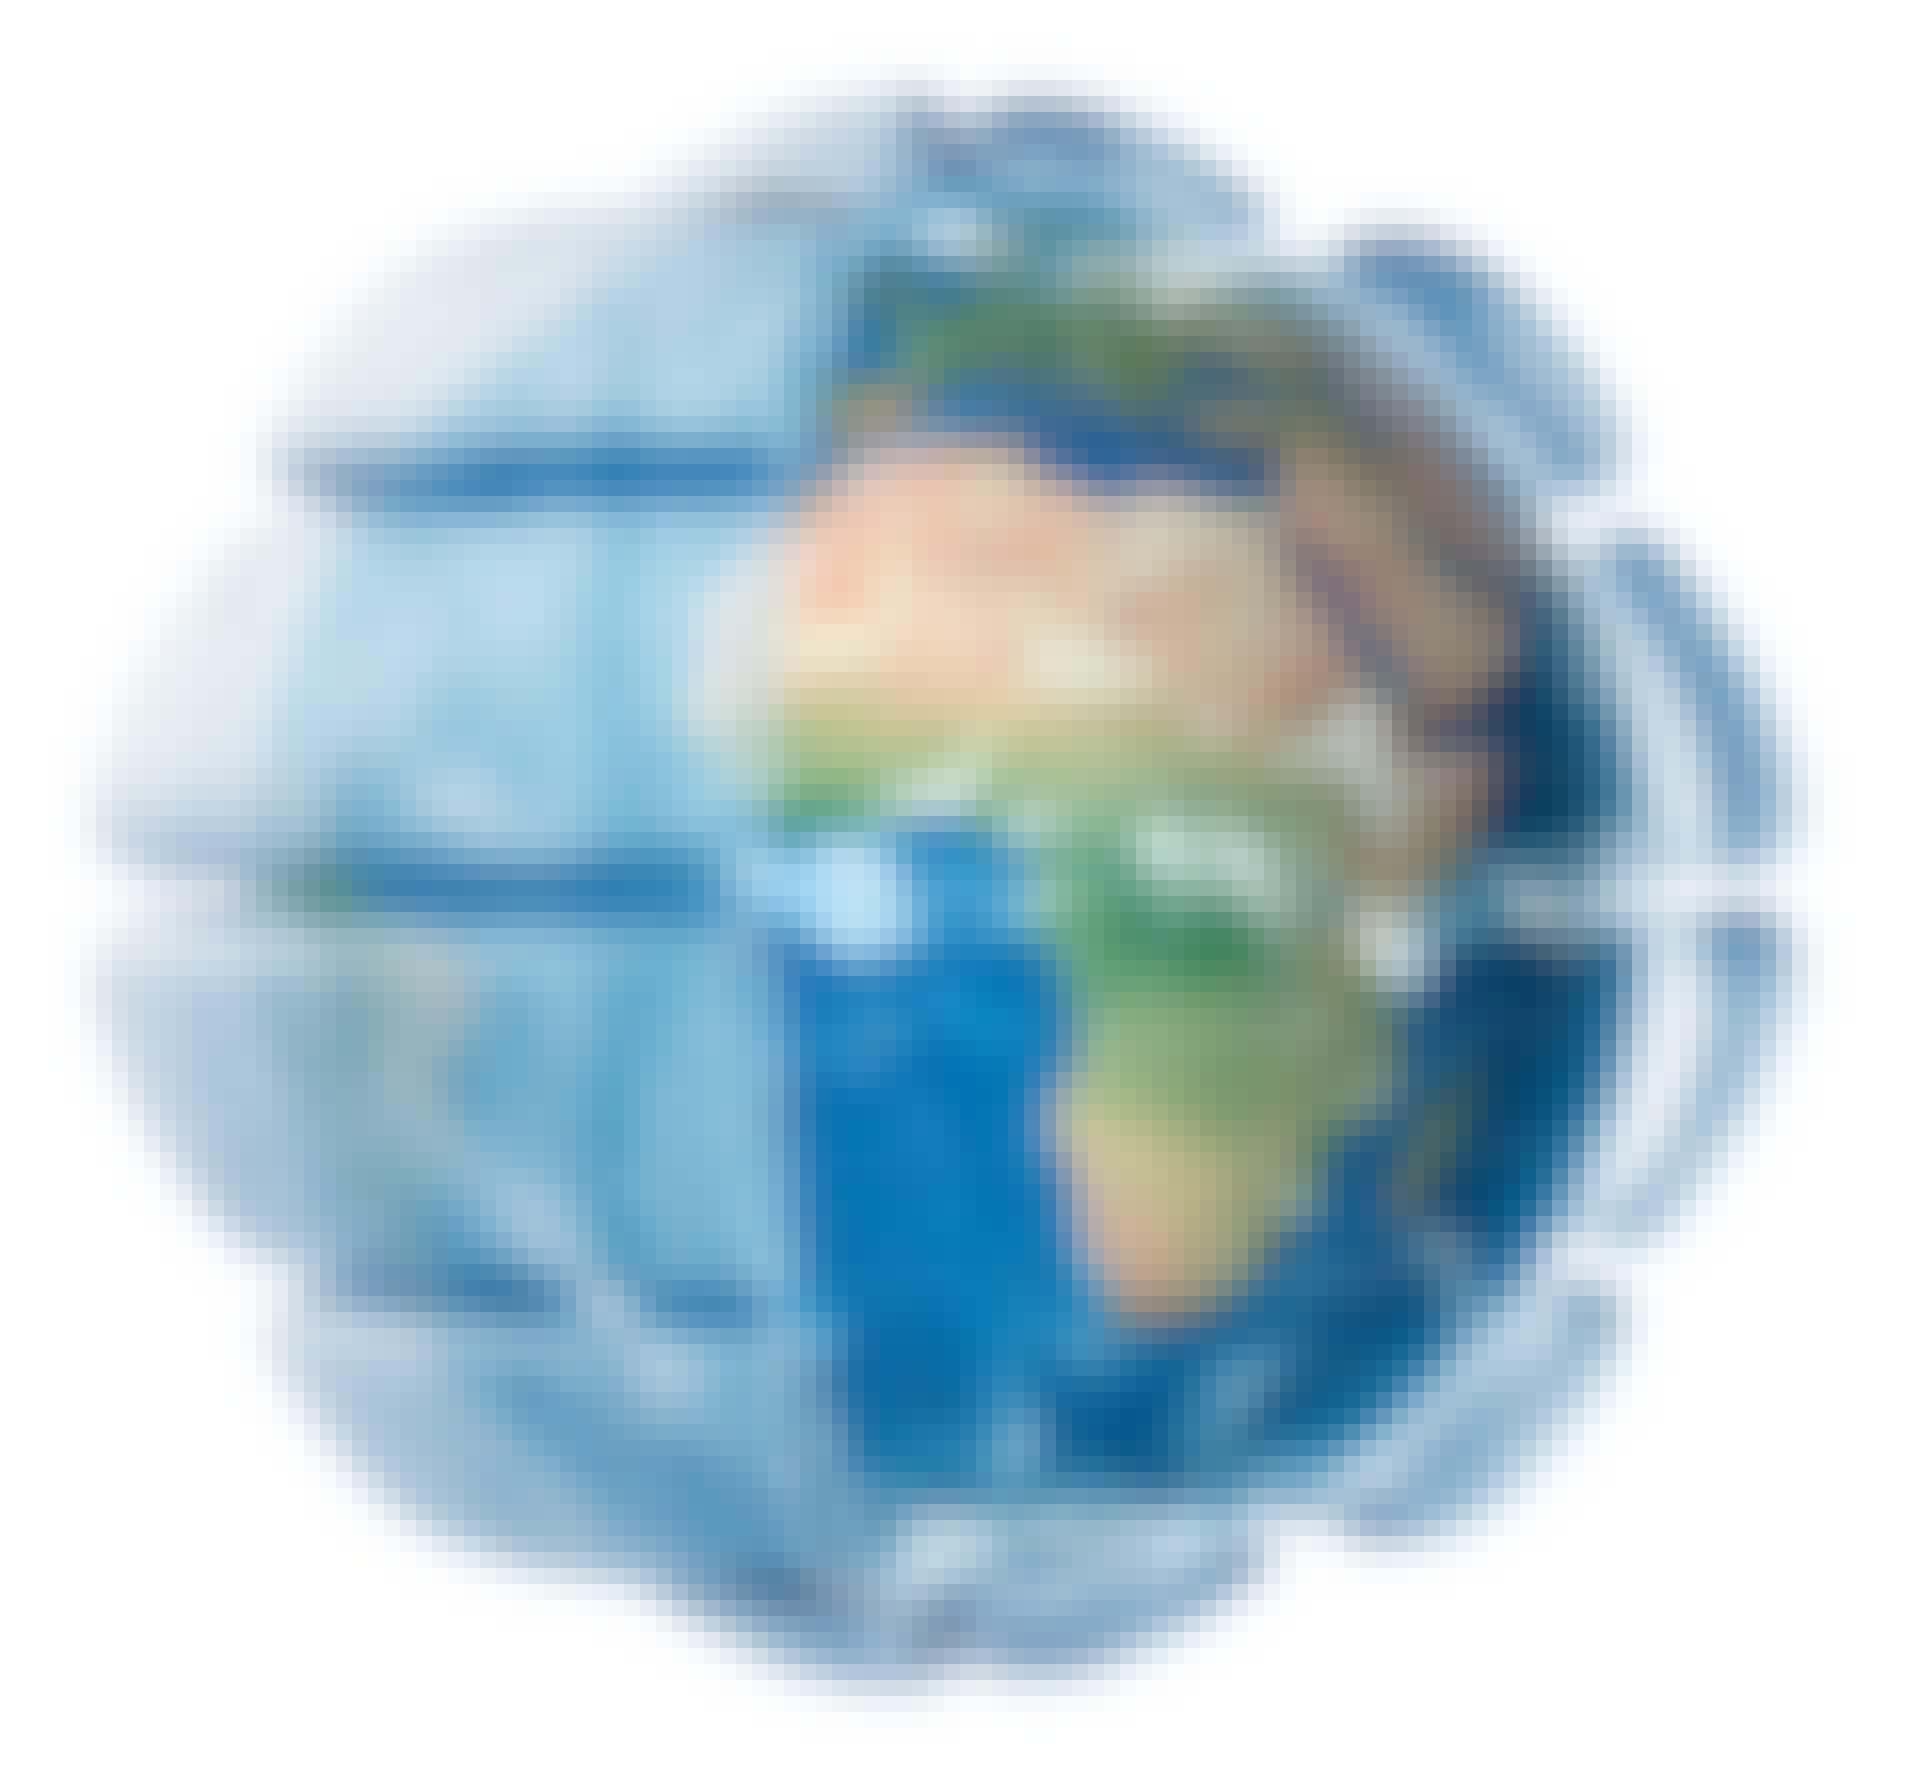 Luftens cirkulation er inddelt i tre forskellige atmosfæriske celler, der hver især påvirker vejret.